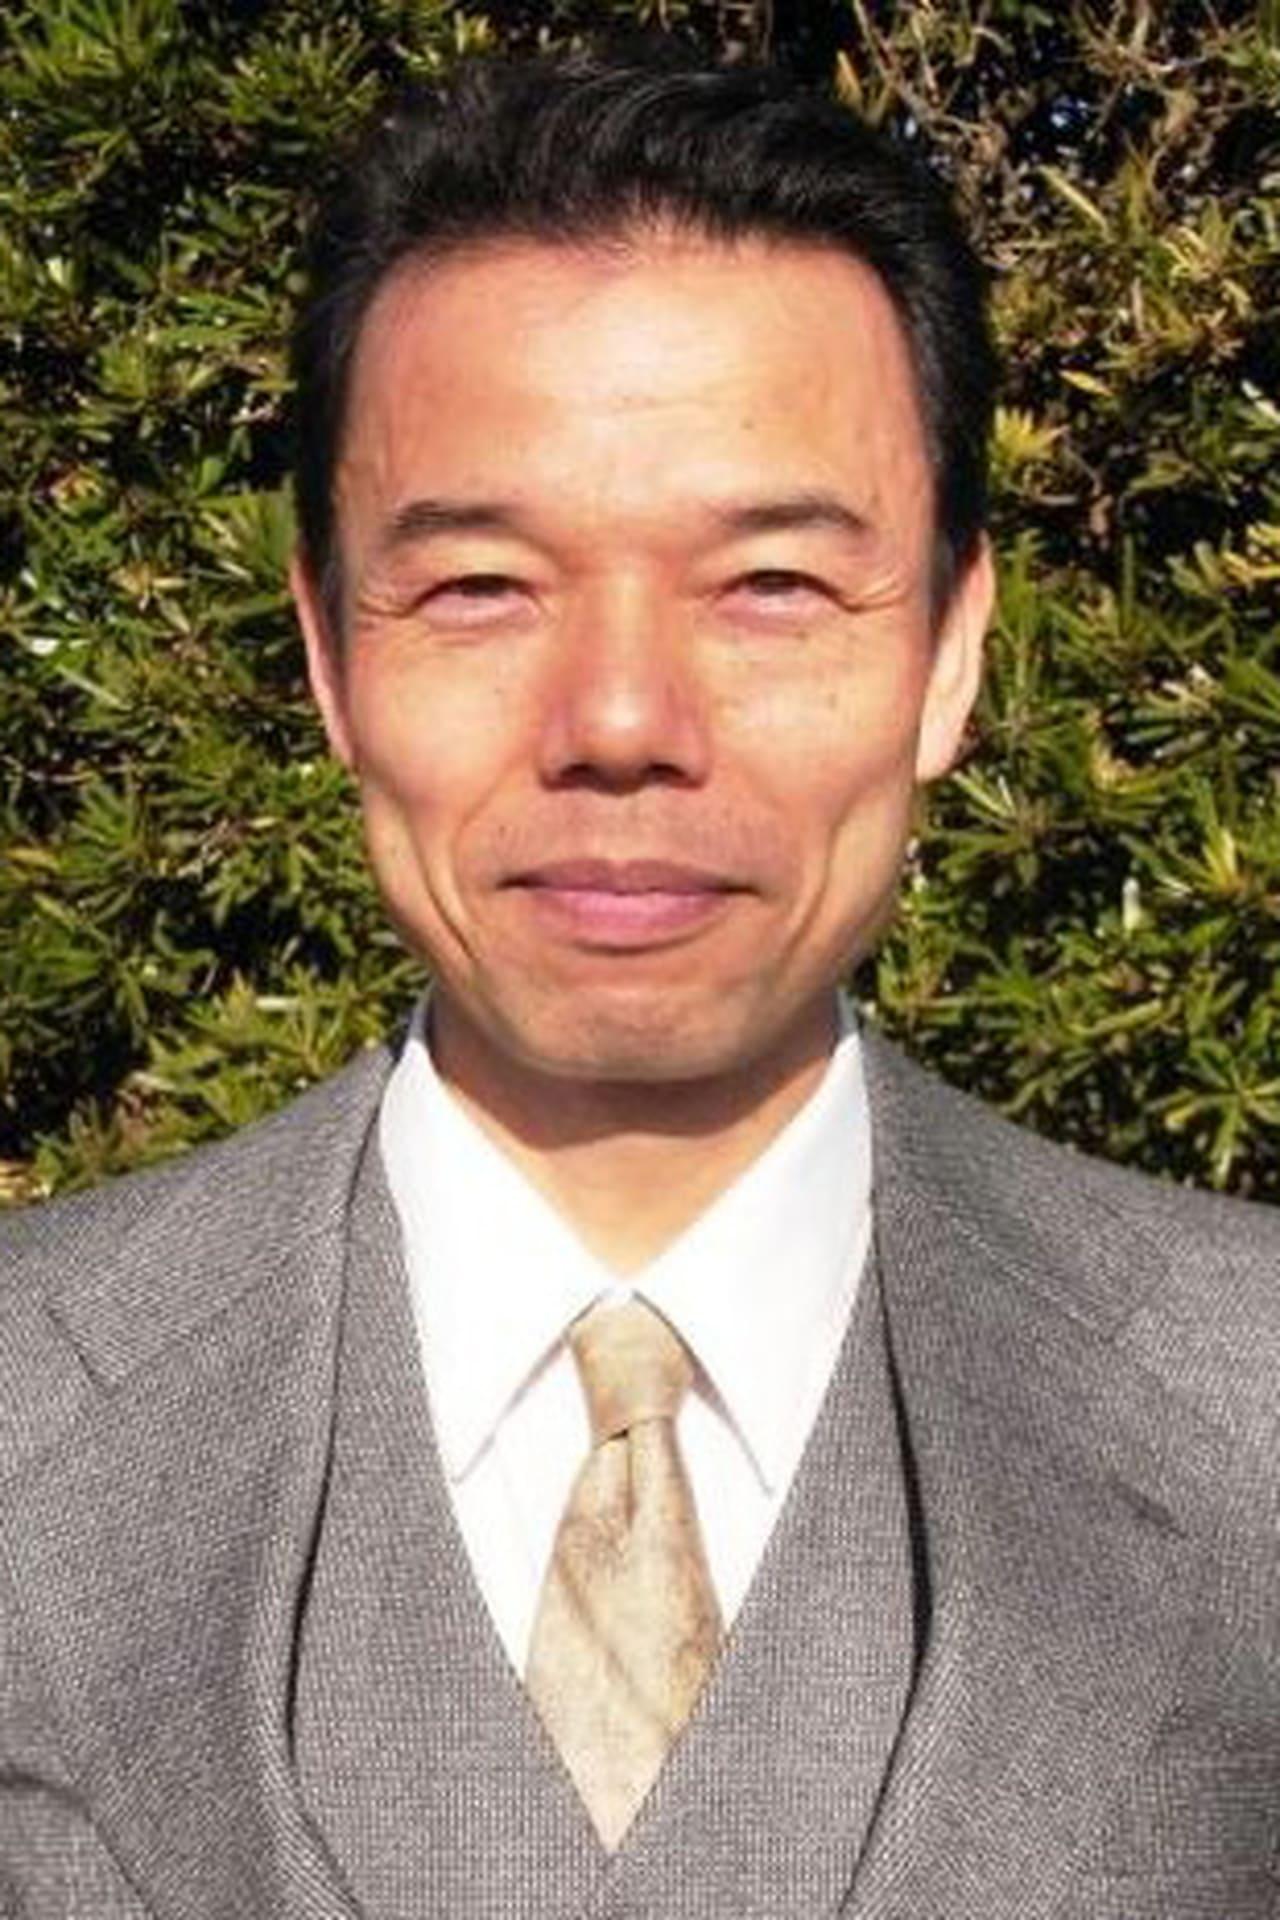 Manabu Hosoi is